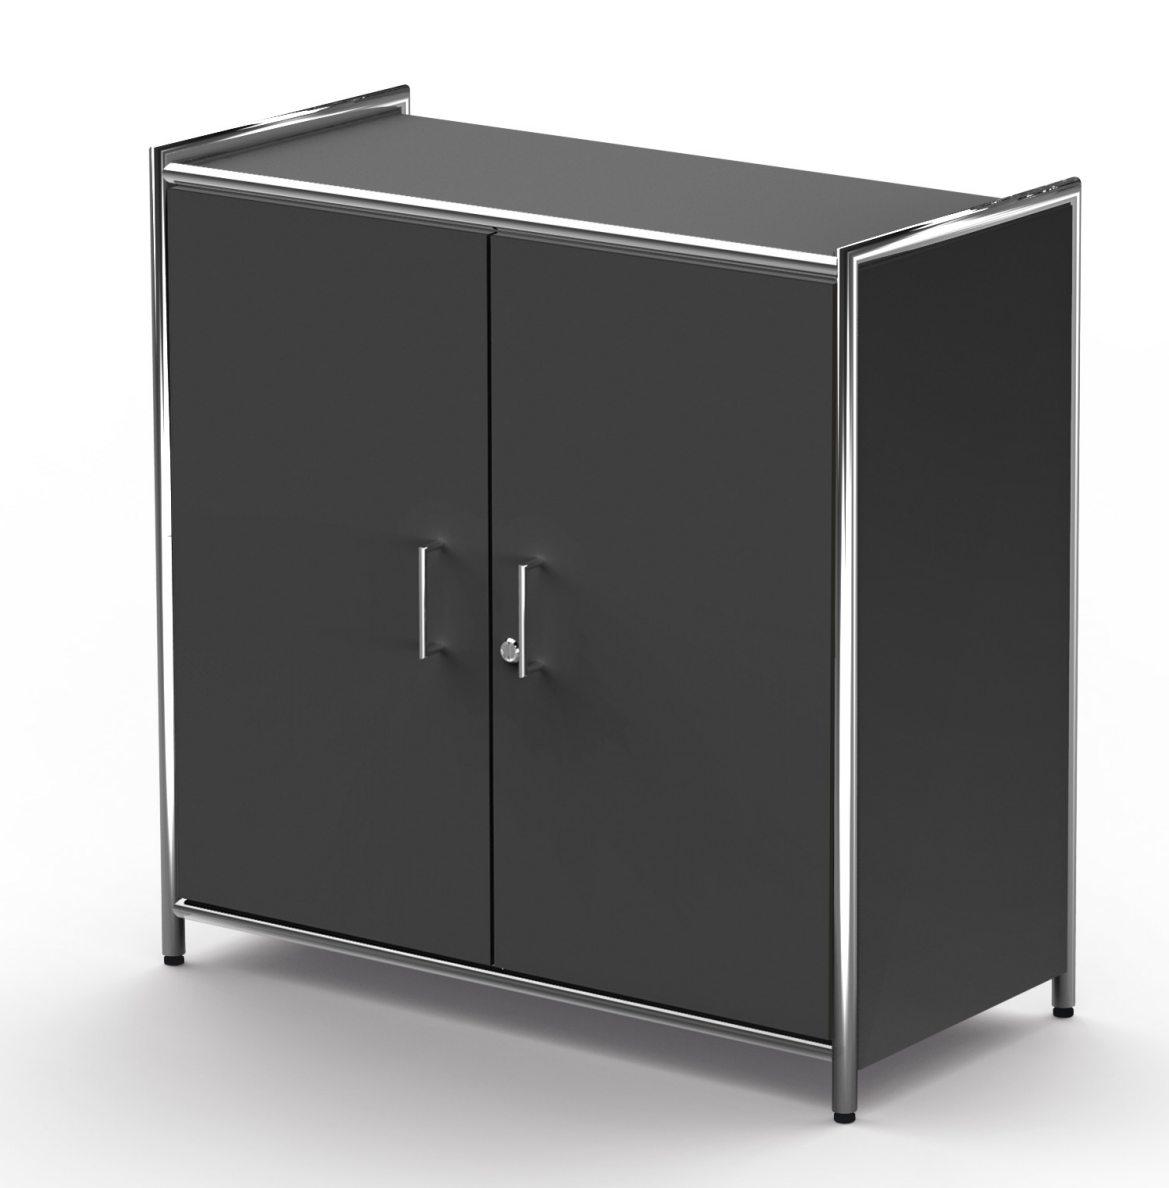 Büroschrank Breite x Höhe = 80 x 78 cm mit abschließbaren Drehflügeltüren